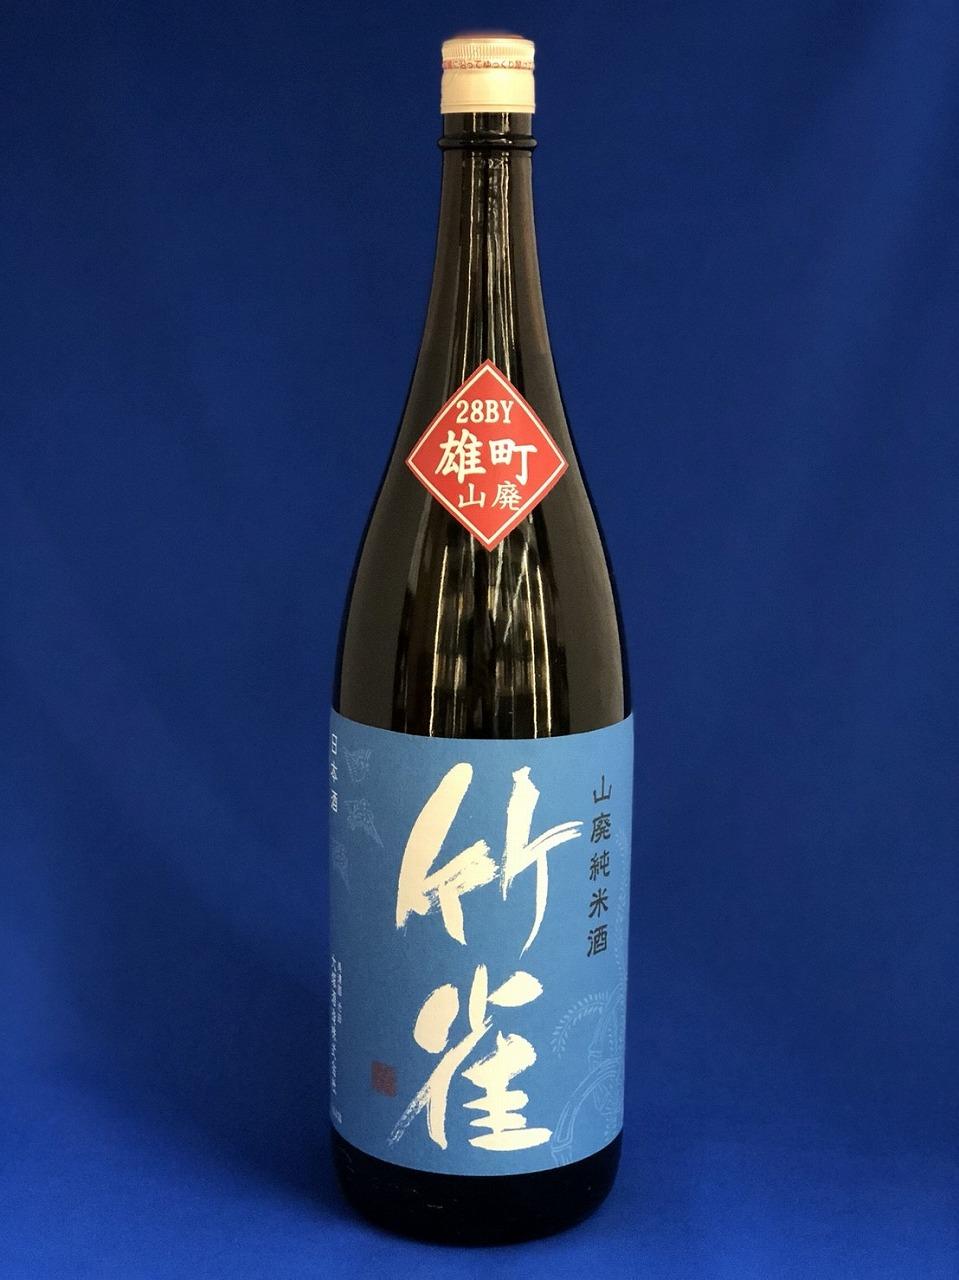 竹雀 山廃純米酒 雄町